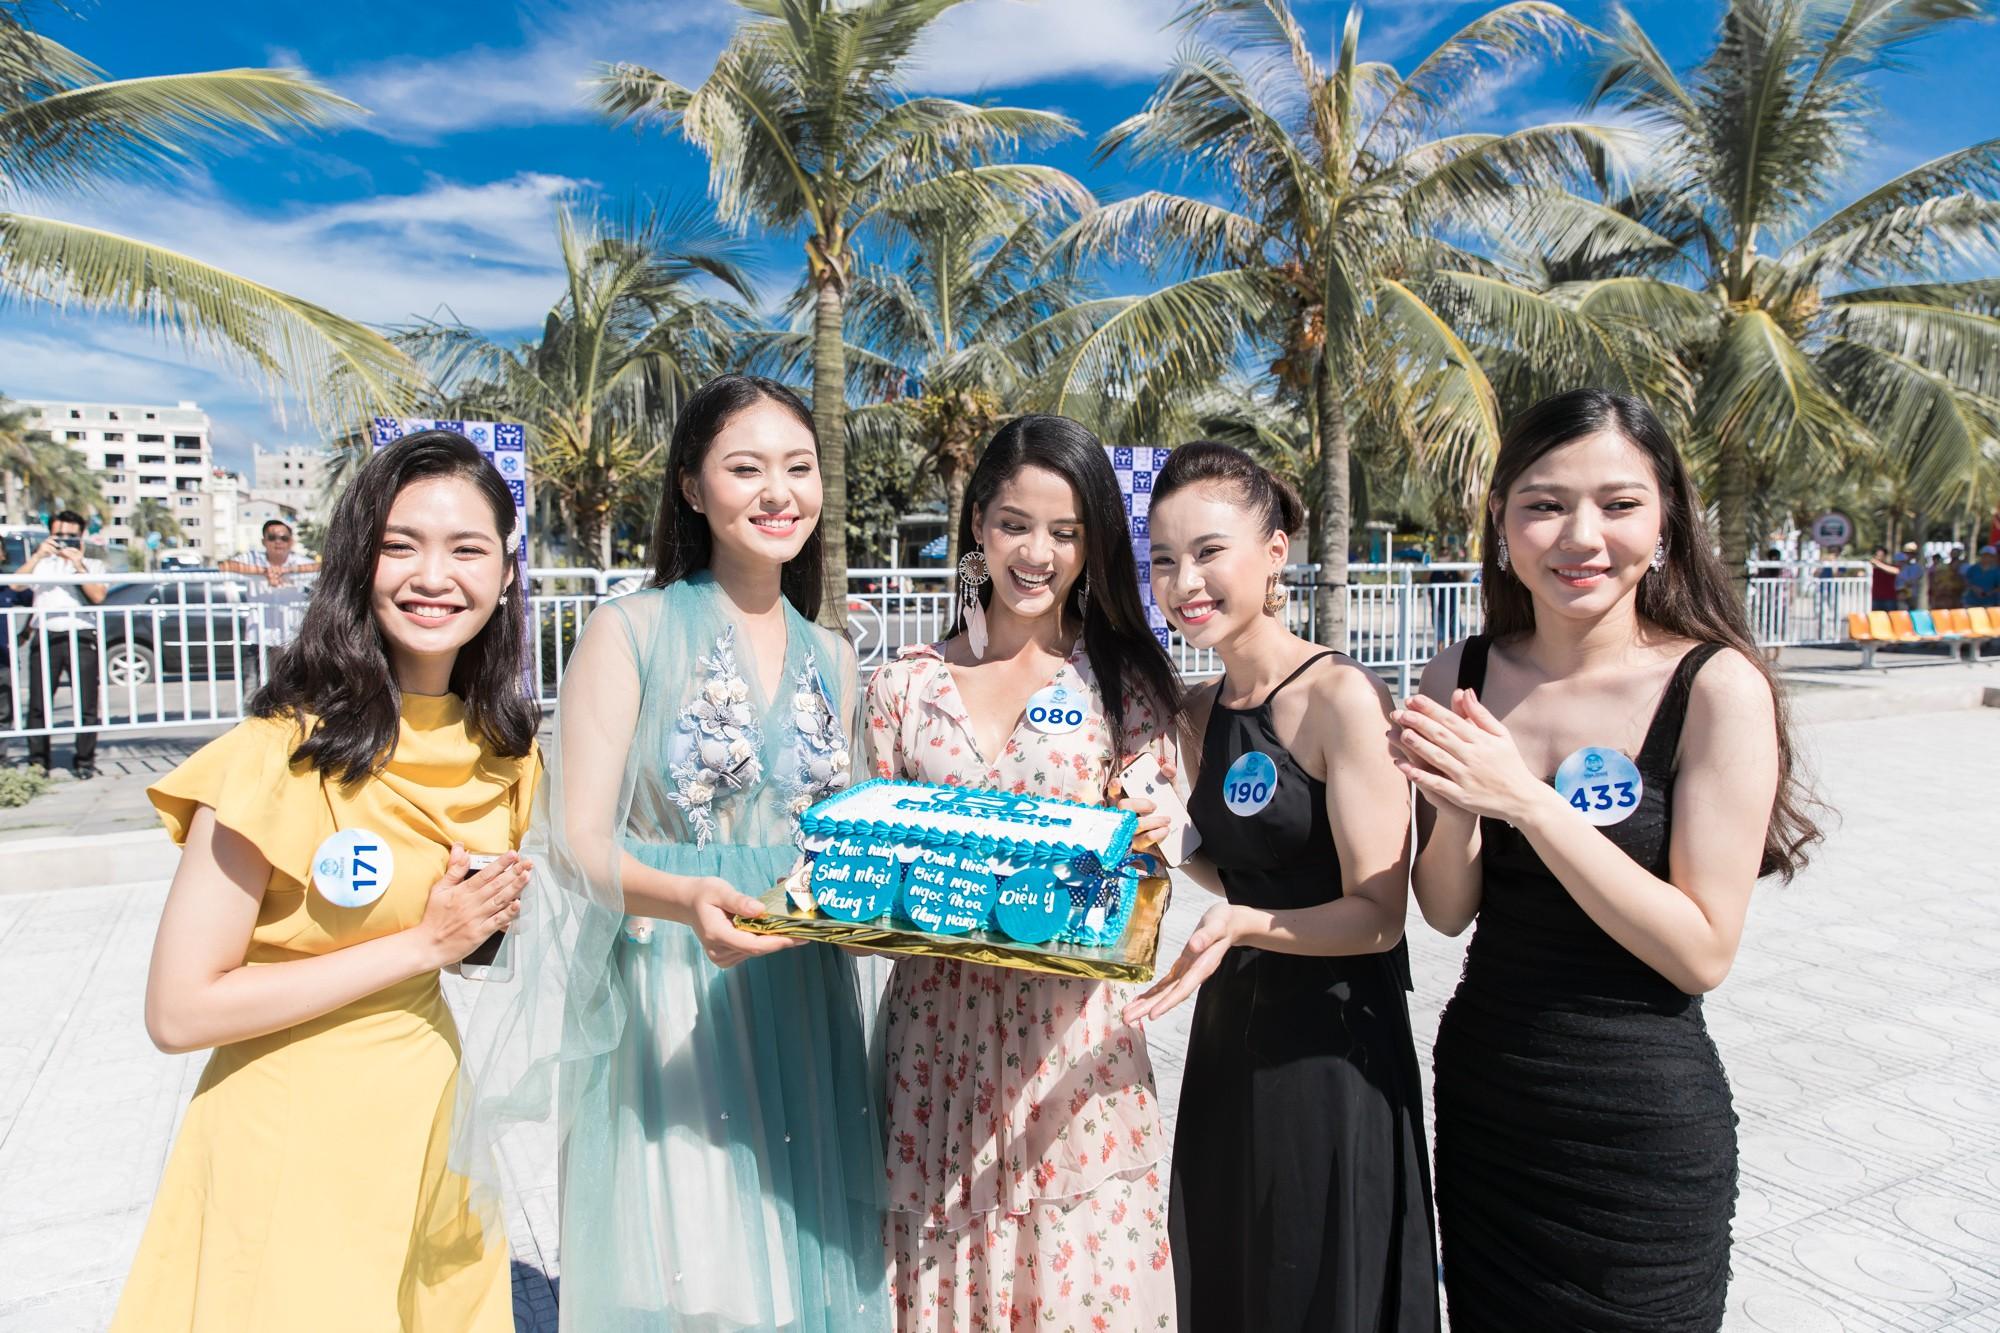 Sau tin đồn có bạn trai, Đỗ Mỹ Linh tươi tắn xuất hiện đồng hành cùng thí sinh Miss World Việt trước đêm thi quan trọng - Ảnh 11.